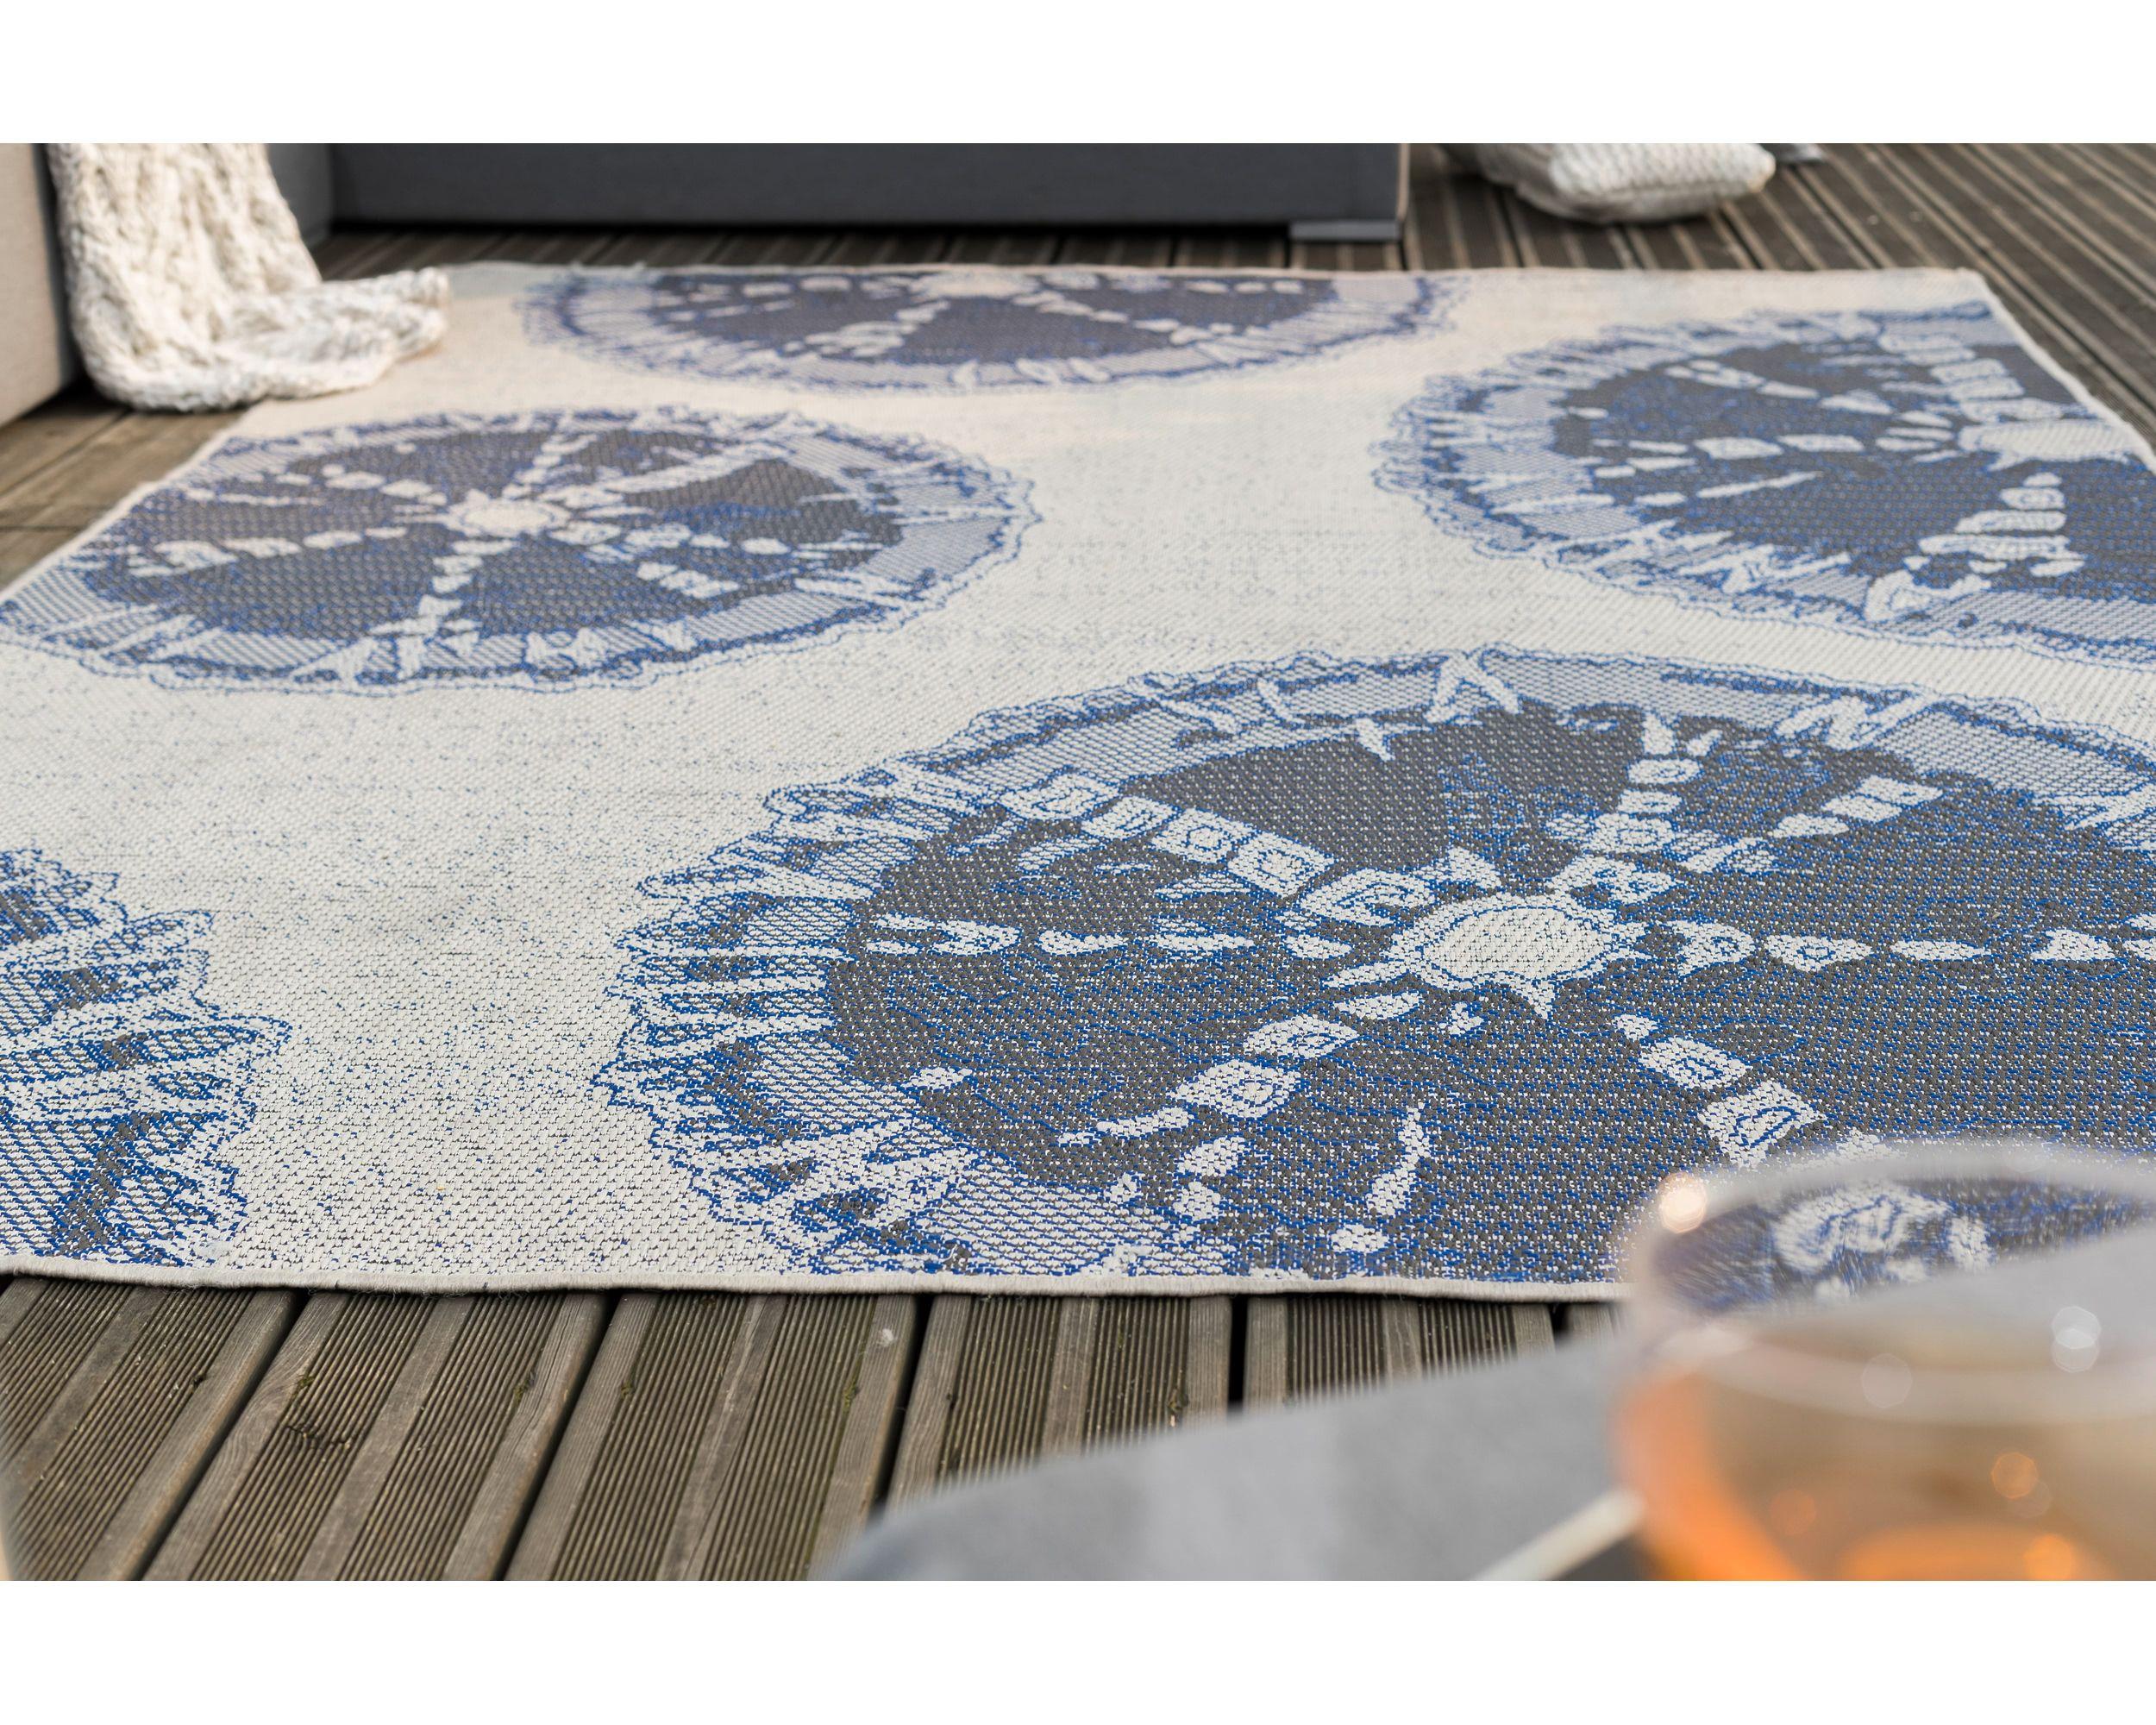 Outdoor-Teppich Felicia 200x265cm